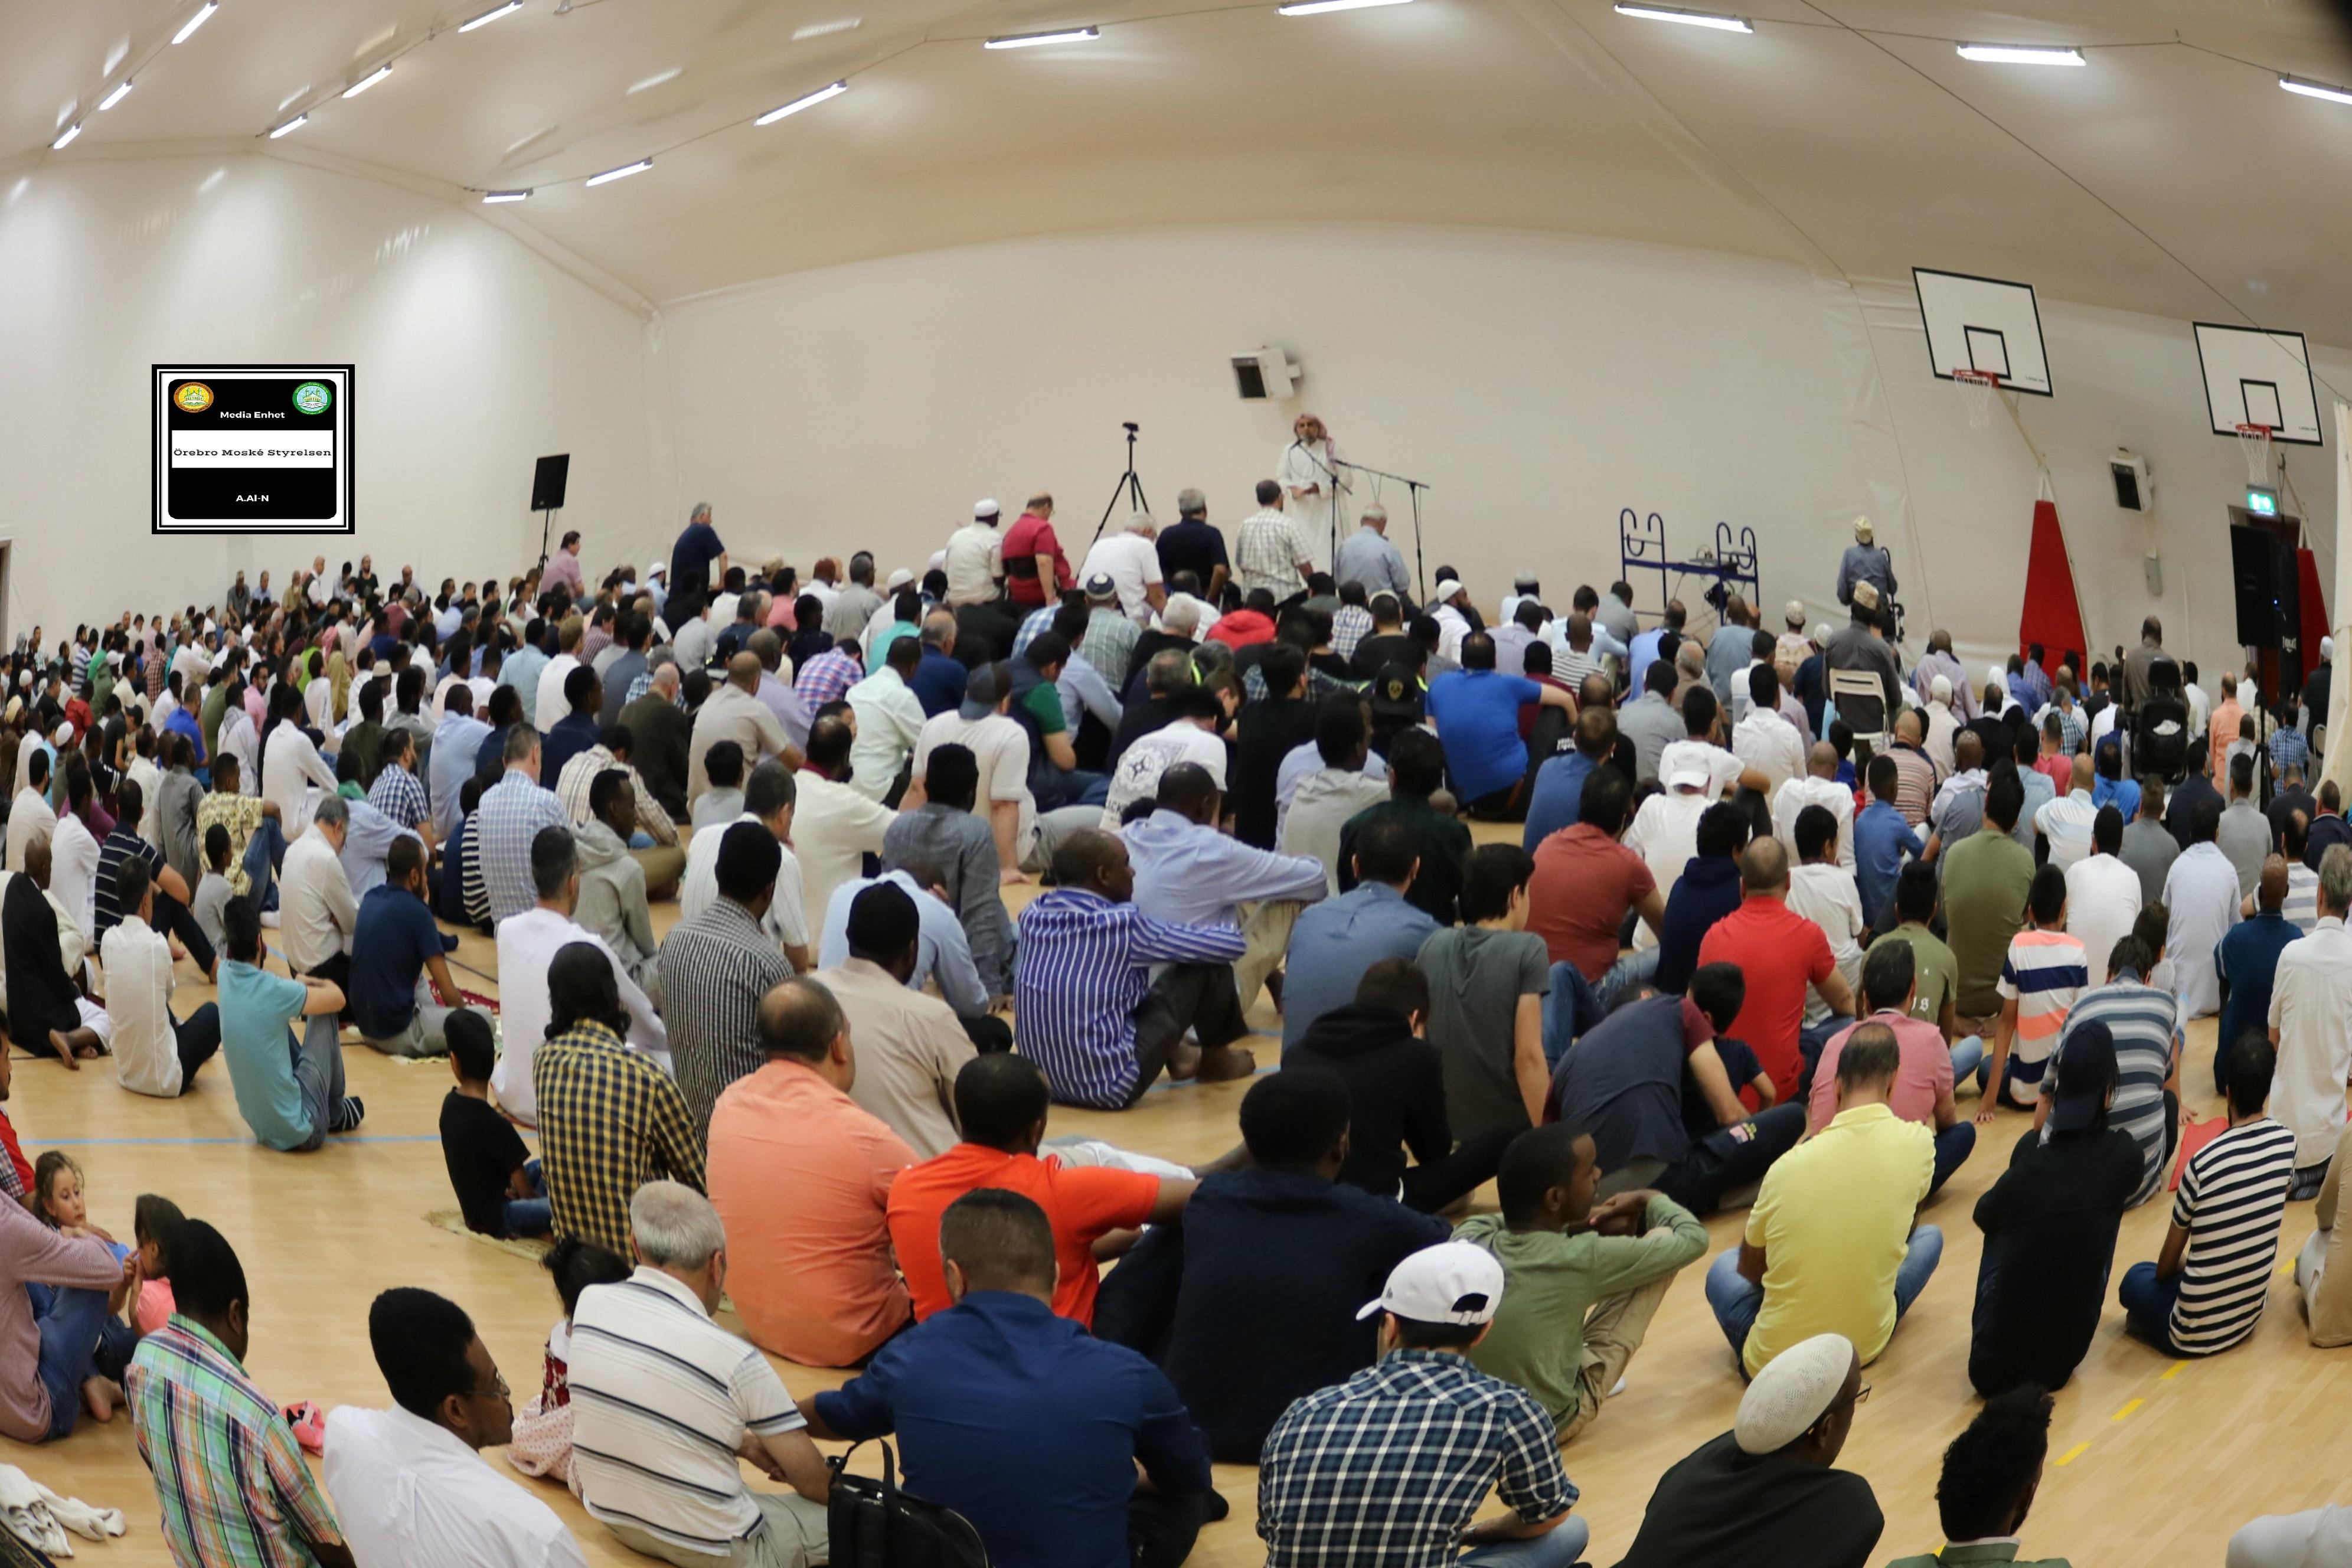 داء الكراهية والبغضاء *************************** 06/07/2018 *************************** Shikh Abu Husam Hariri *************************** Friday Bön - Friday Prayers صلاة الجمعة *************************** FILMED ON LOCATION *************************** Ballonghallen i Örebro